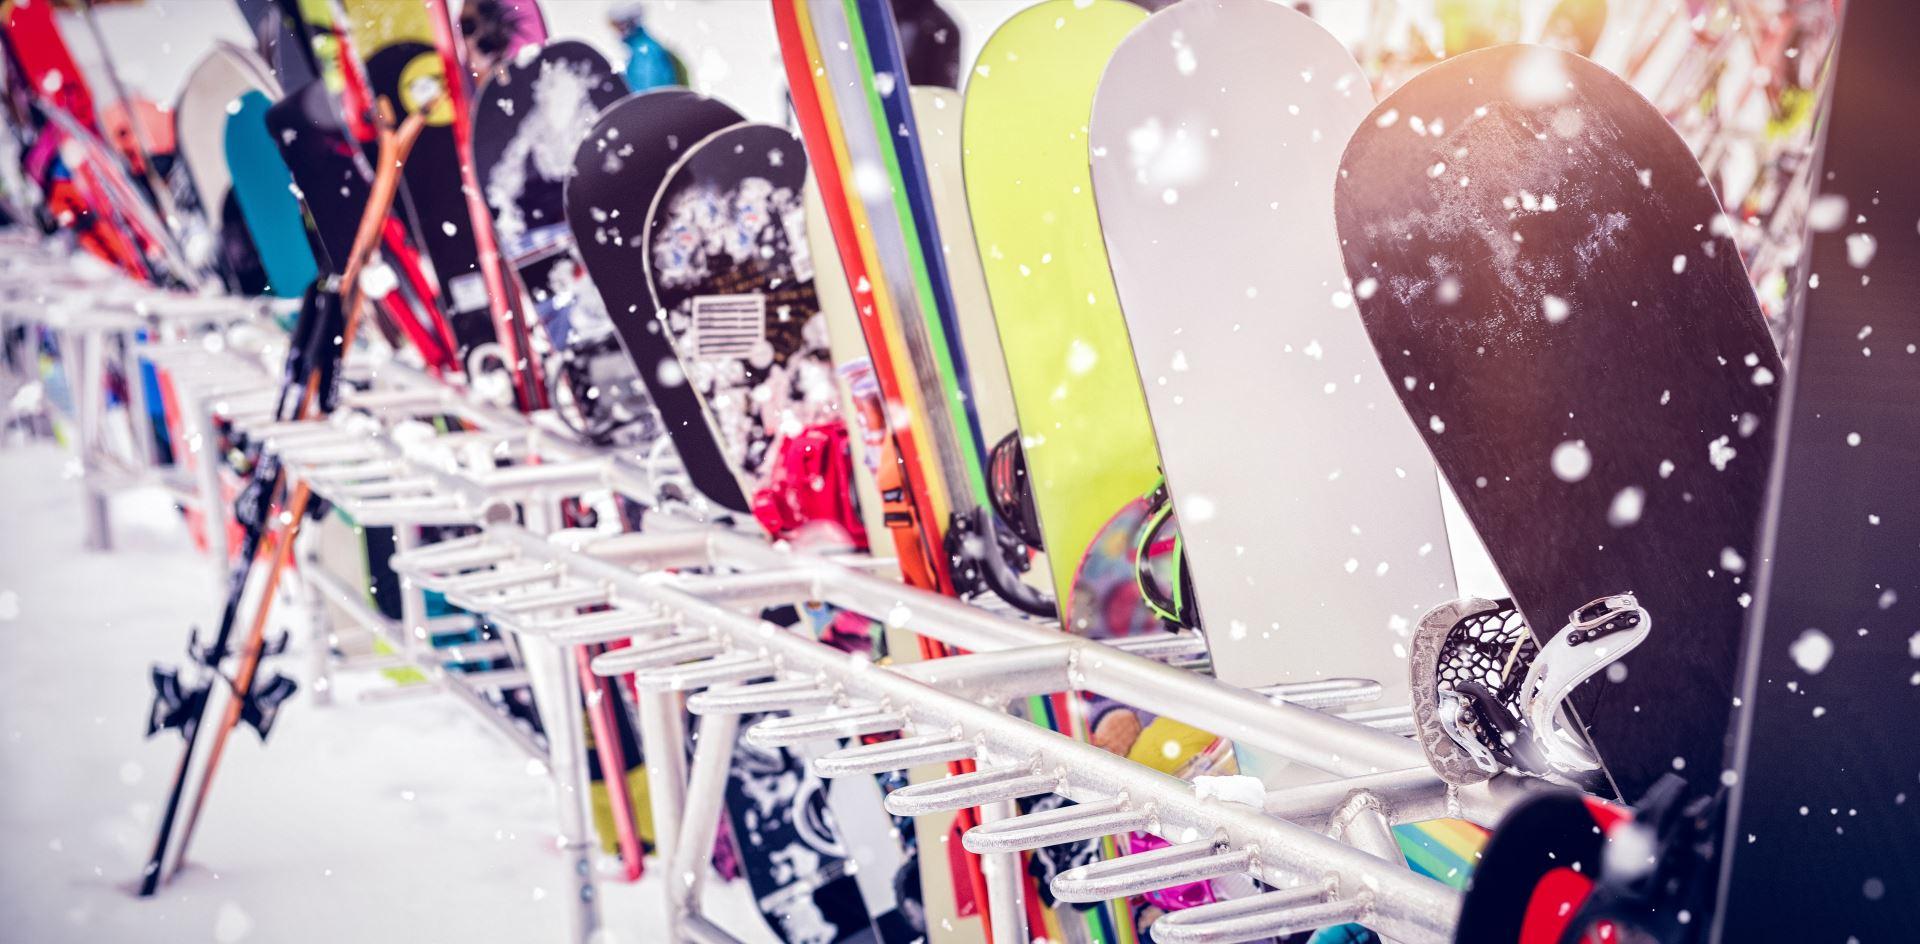 Ski Rack of Equipment